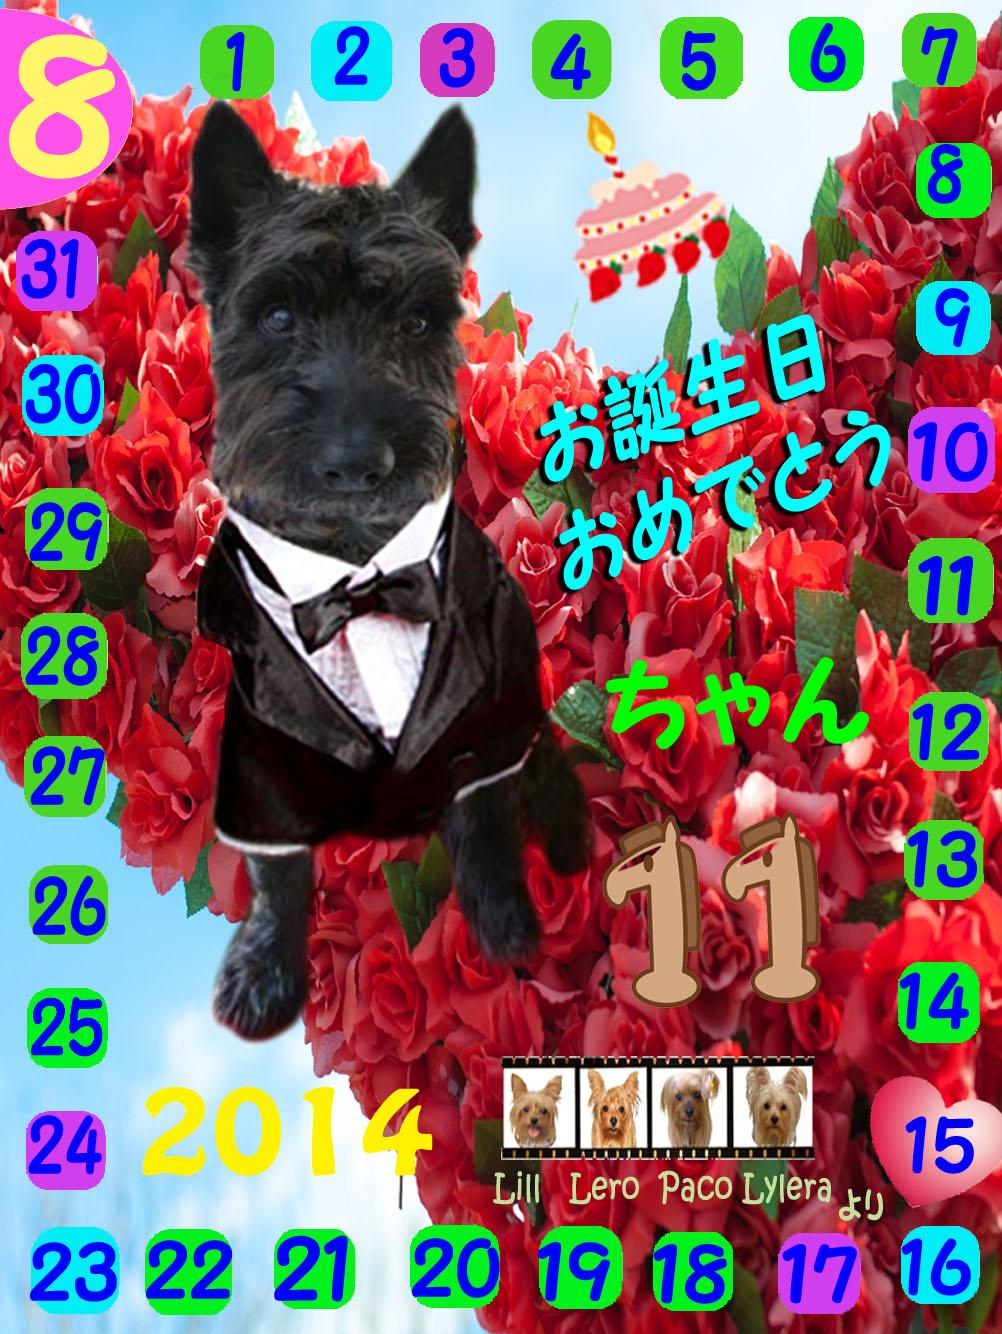 08152014ミントくん誕生日カード